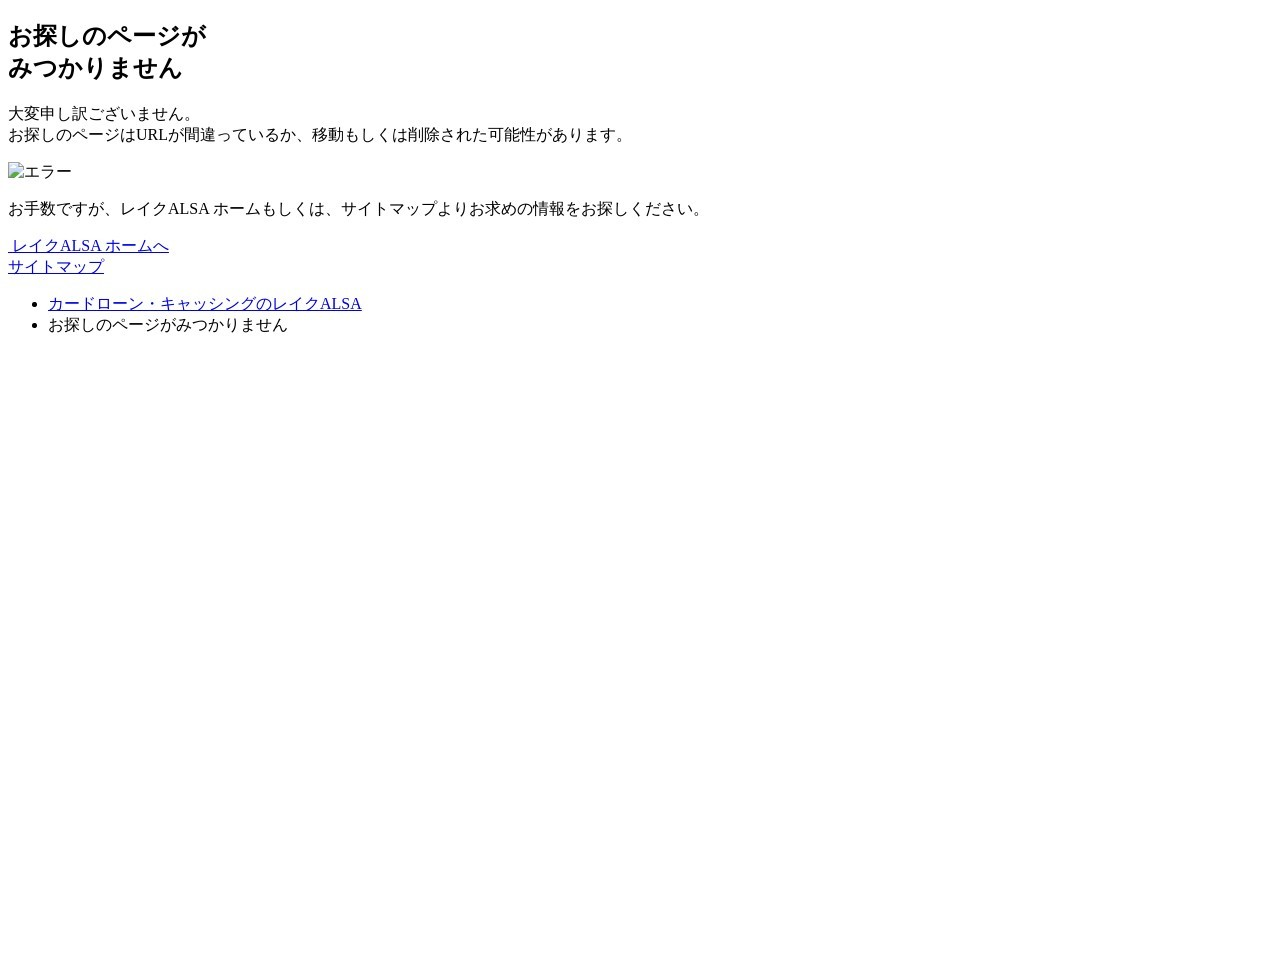 レイクALSA 東八道路小金井自動契約コーナー東京都 レイクALSA